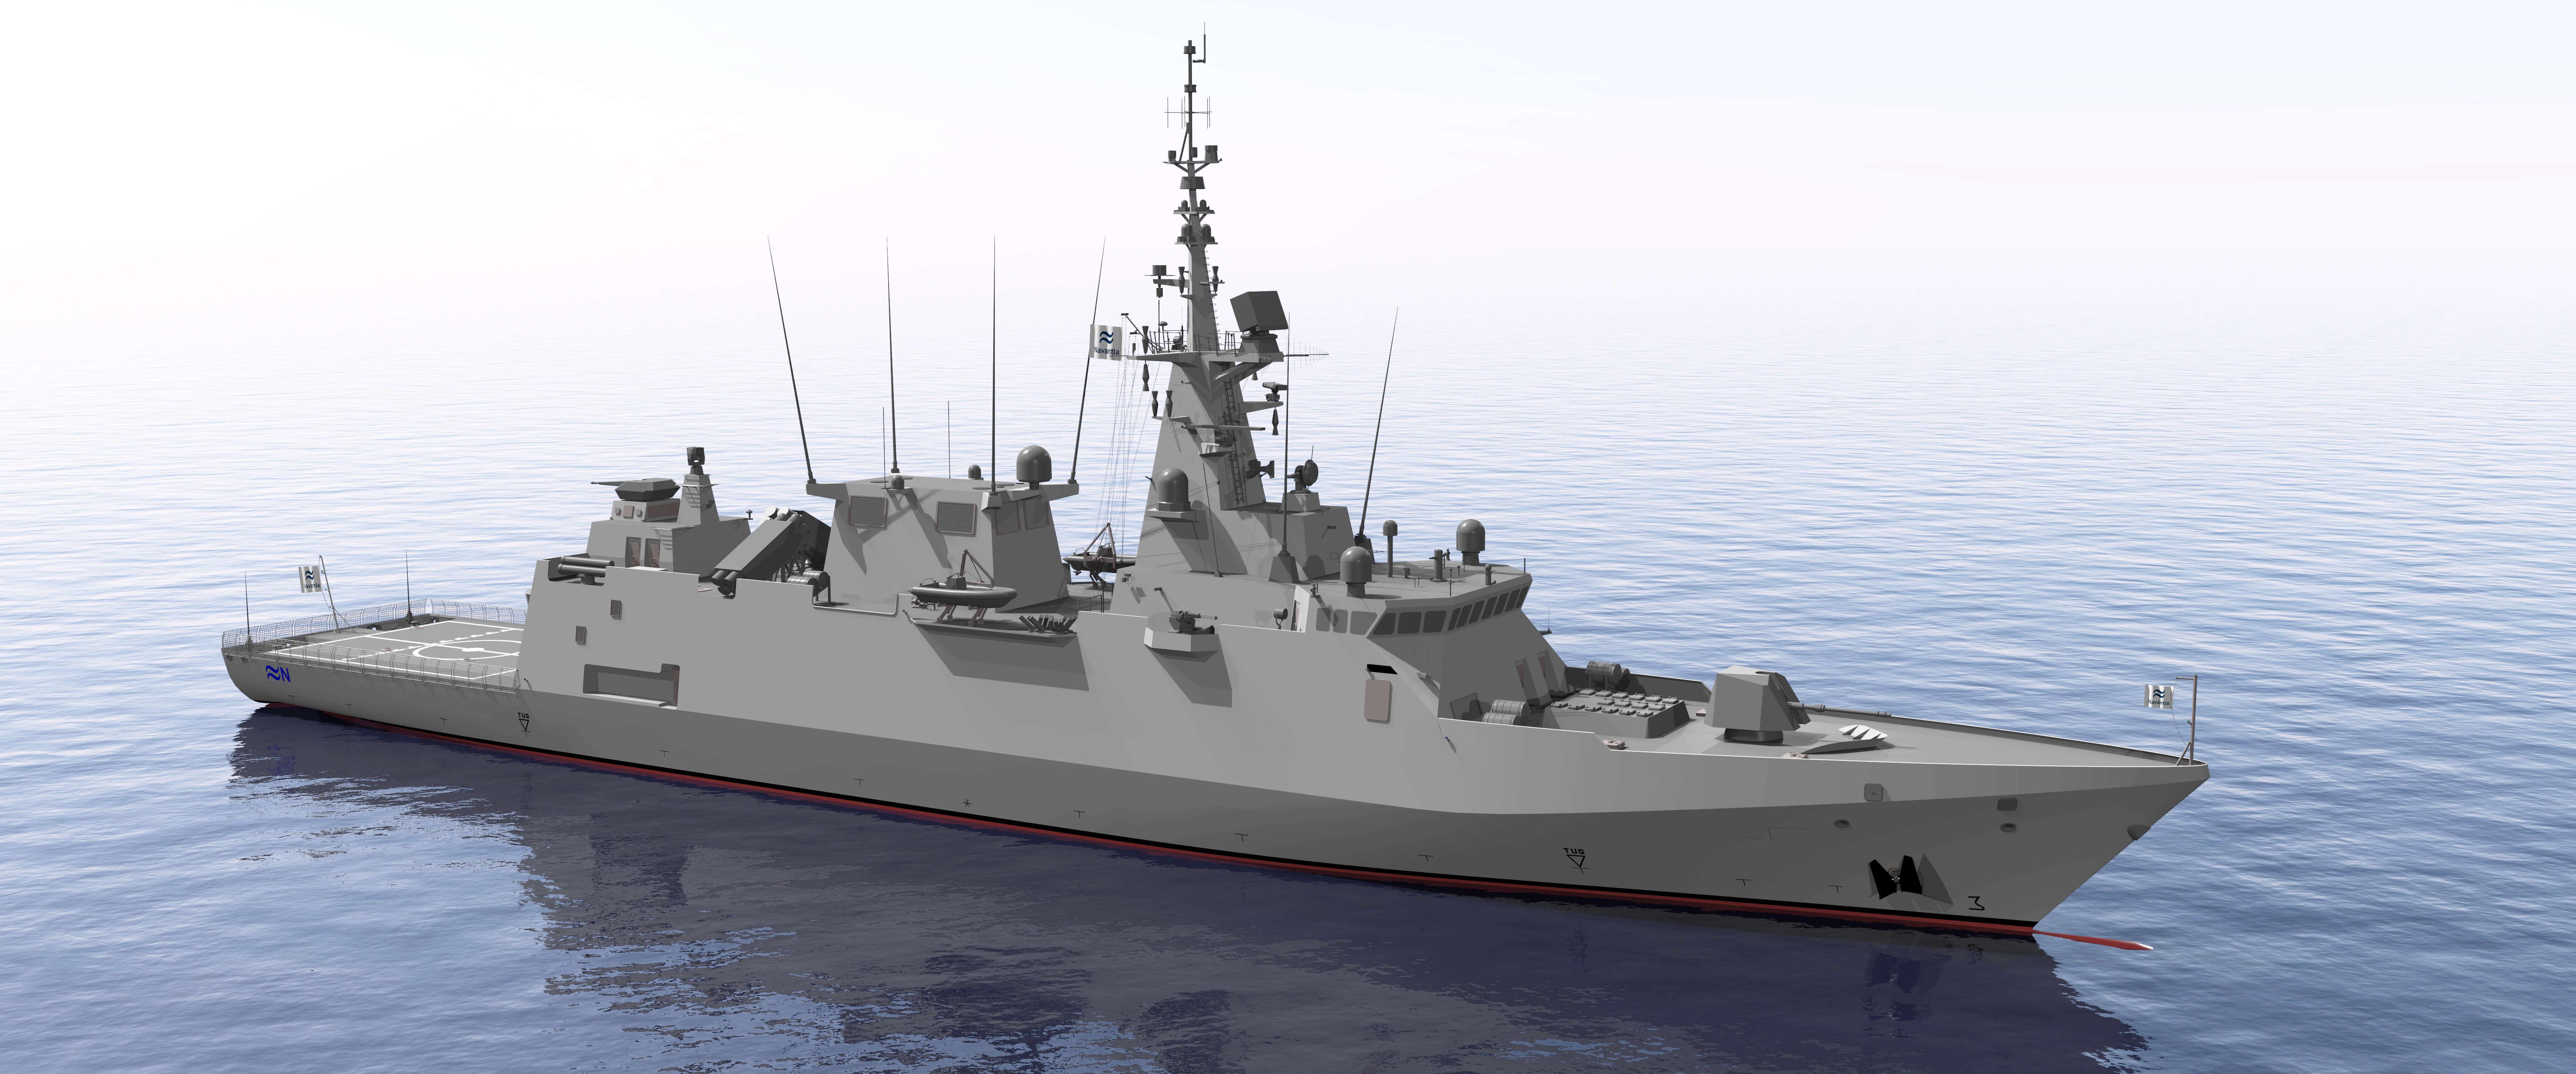 SENER's FORAN System Used for Saudi Arabian Corvettes